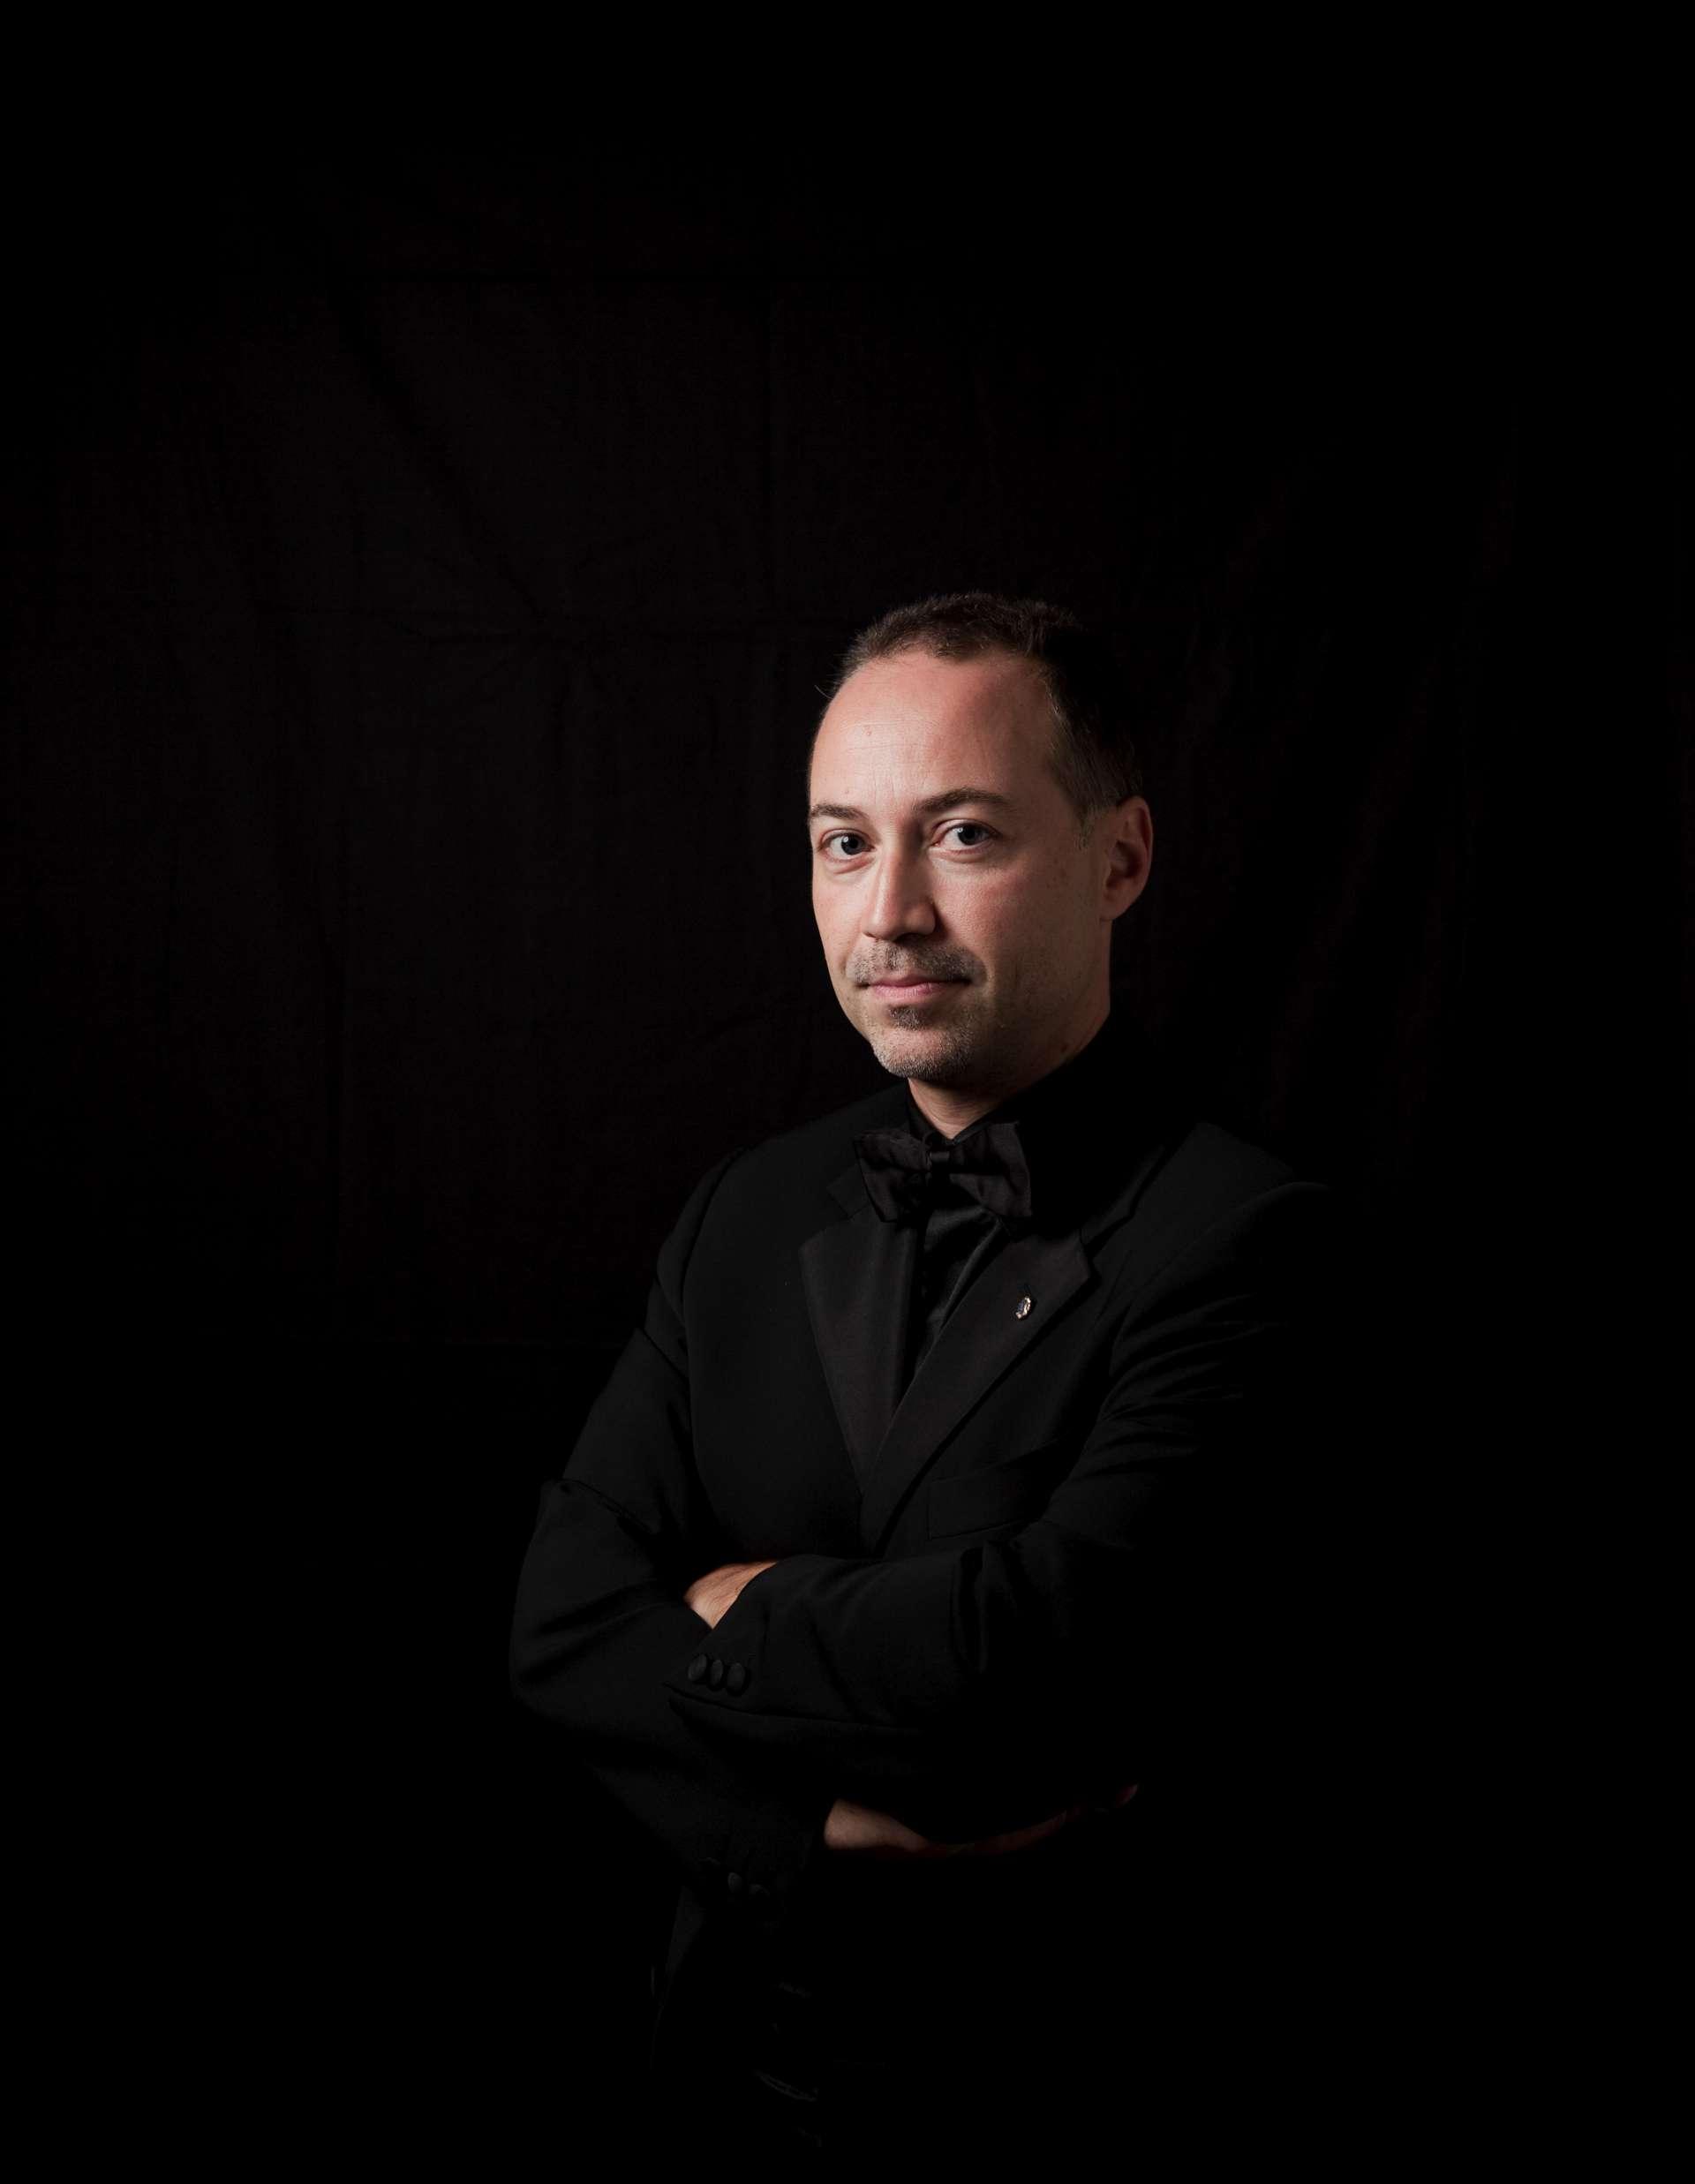 Marco Cadario